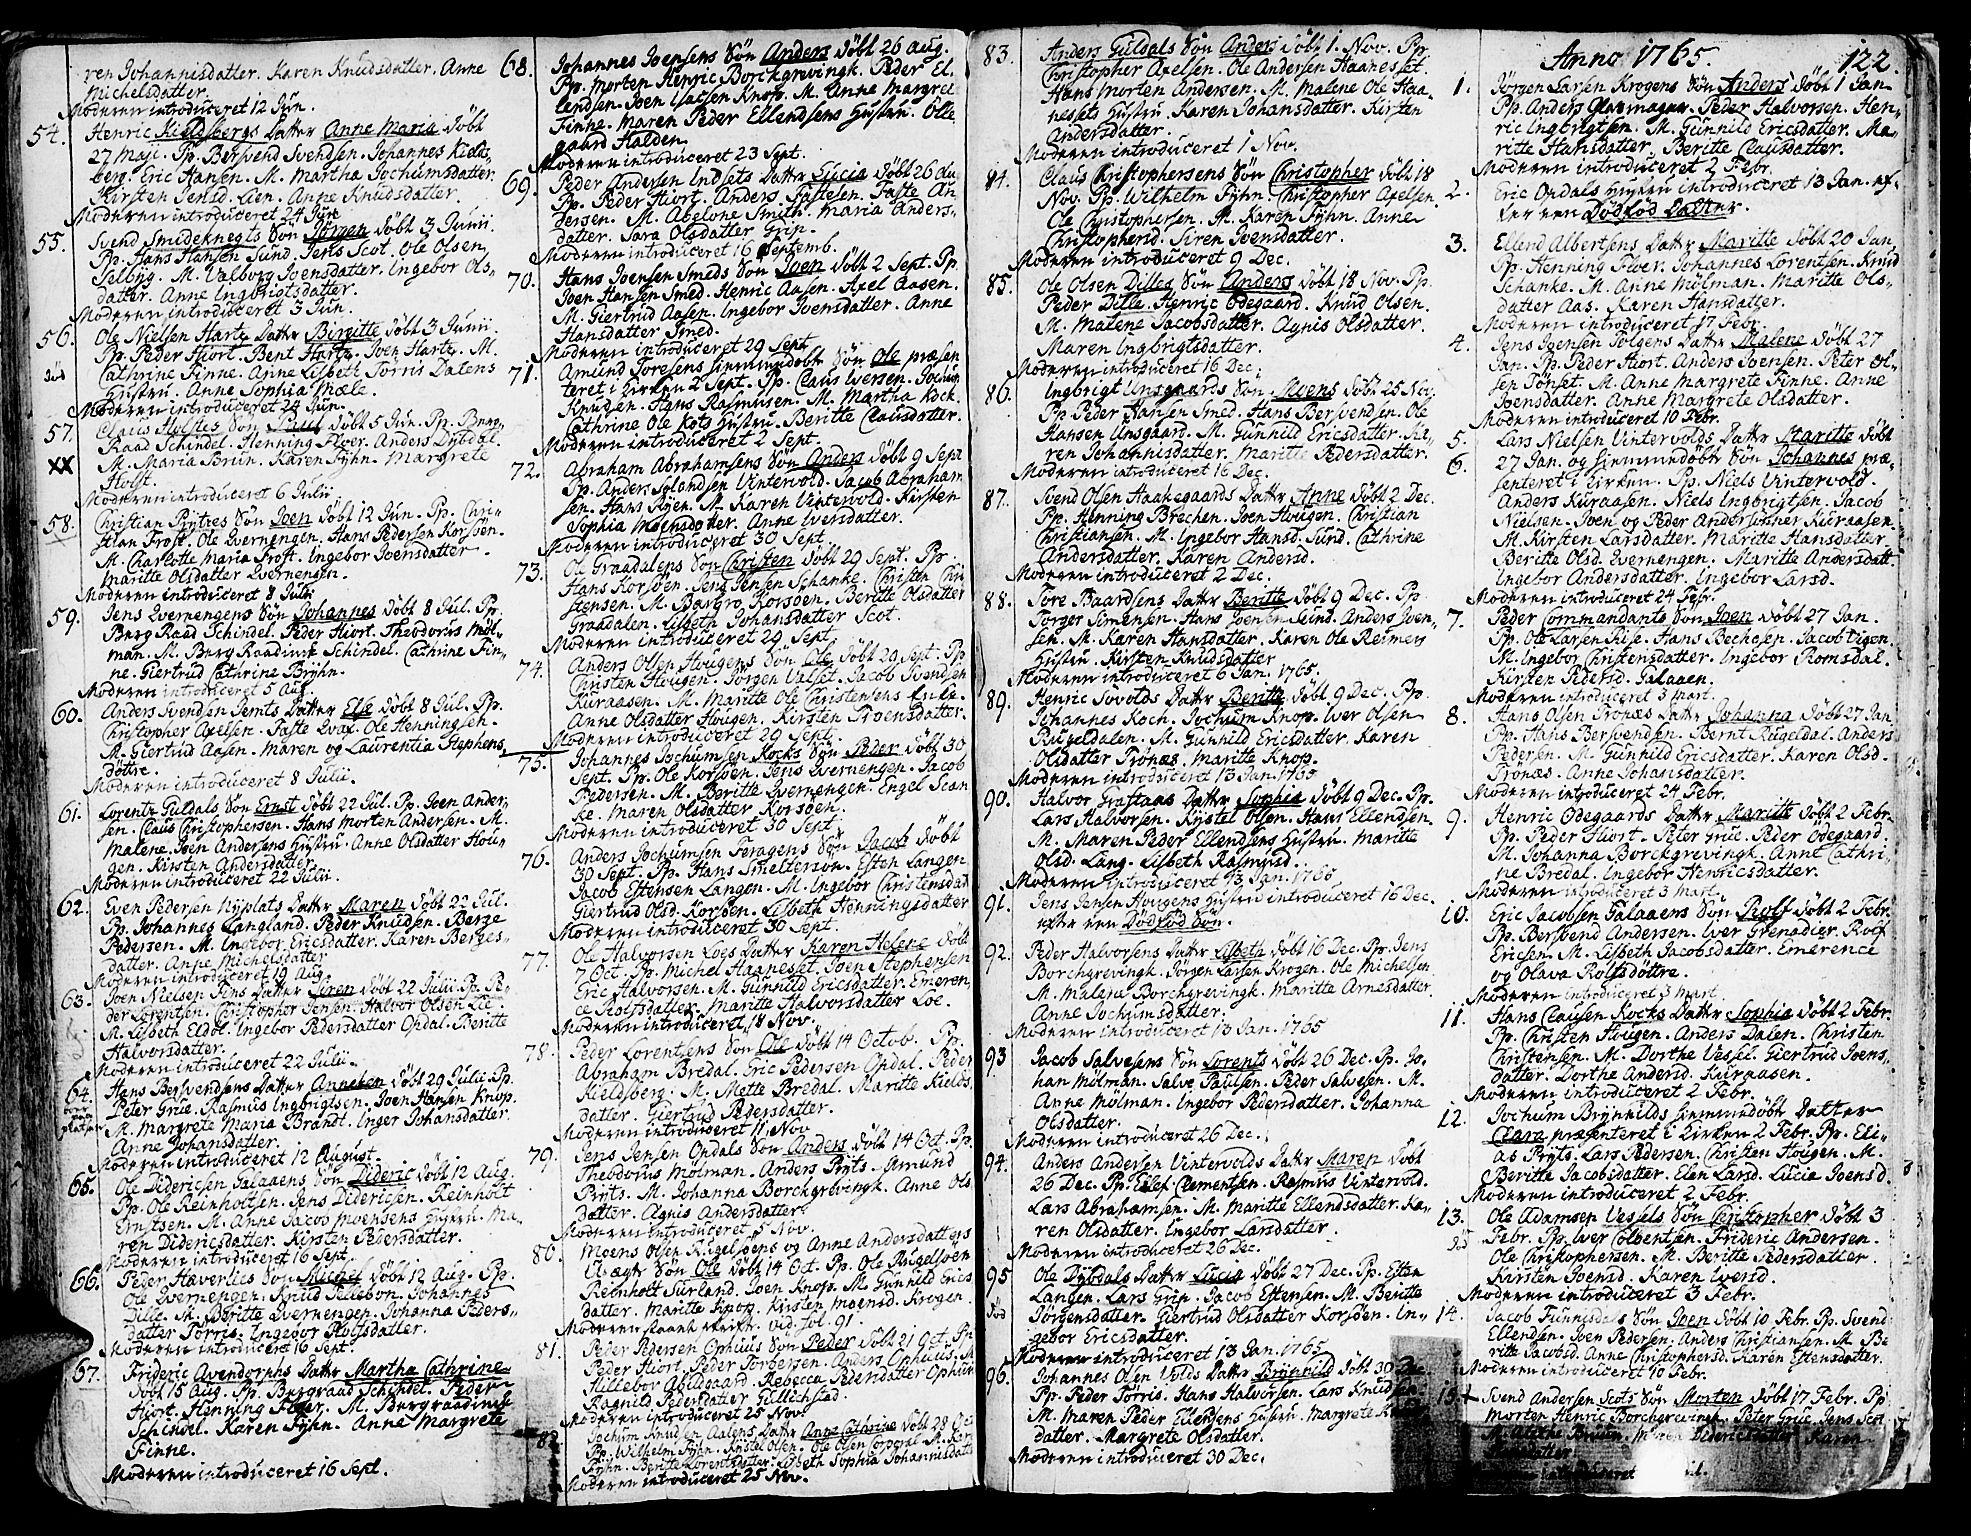 SAT, Ministerialprotokoller, klokkerbøker og fødselsregistre - Sør-Trøndelag, 681/L0925: Ministerialbok nr. 681A03, 1727-1766, s. 122